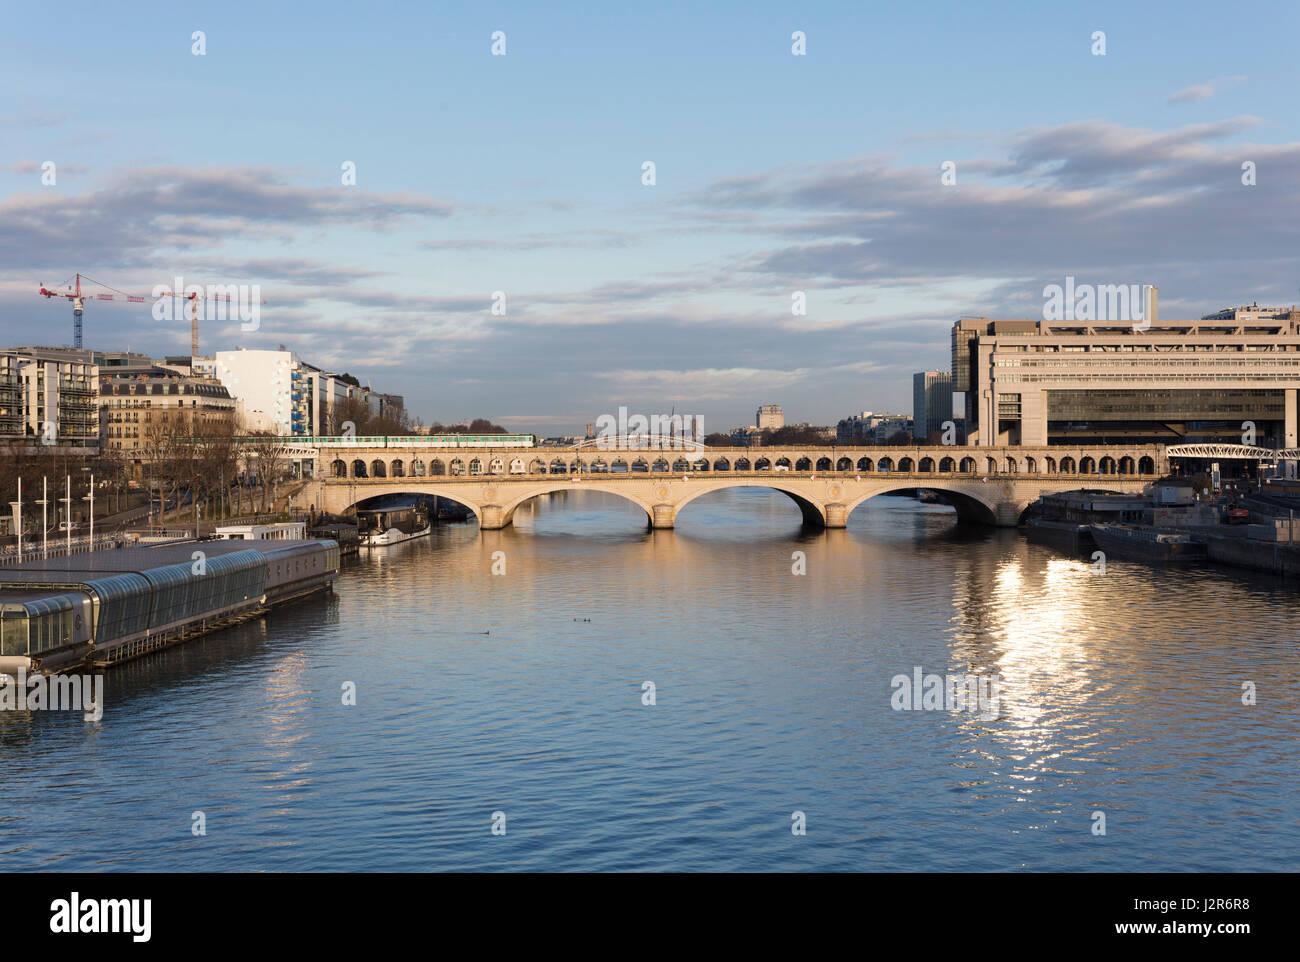 Pont de Bercy, Bercy Bridge and Seine River, Paris, France - Stock Image